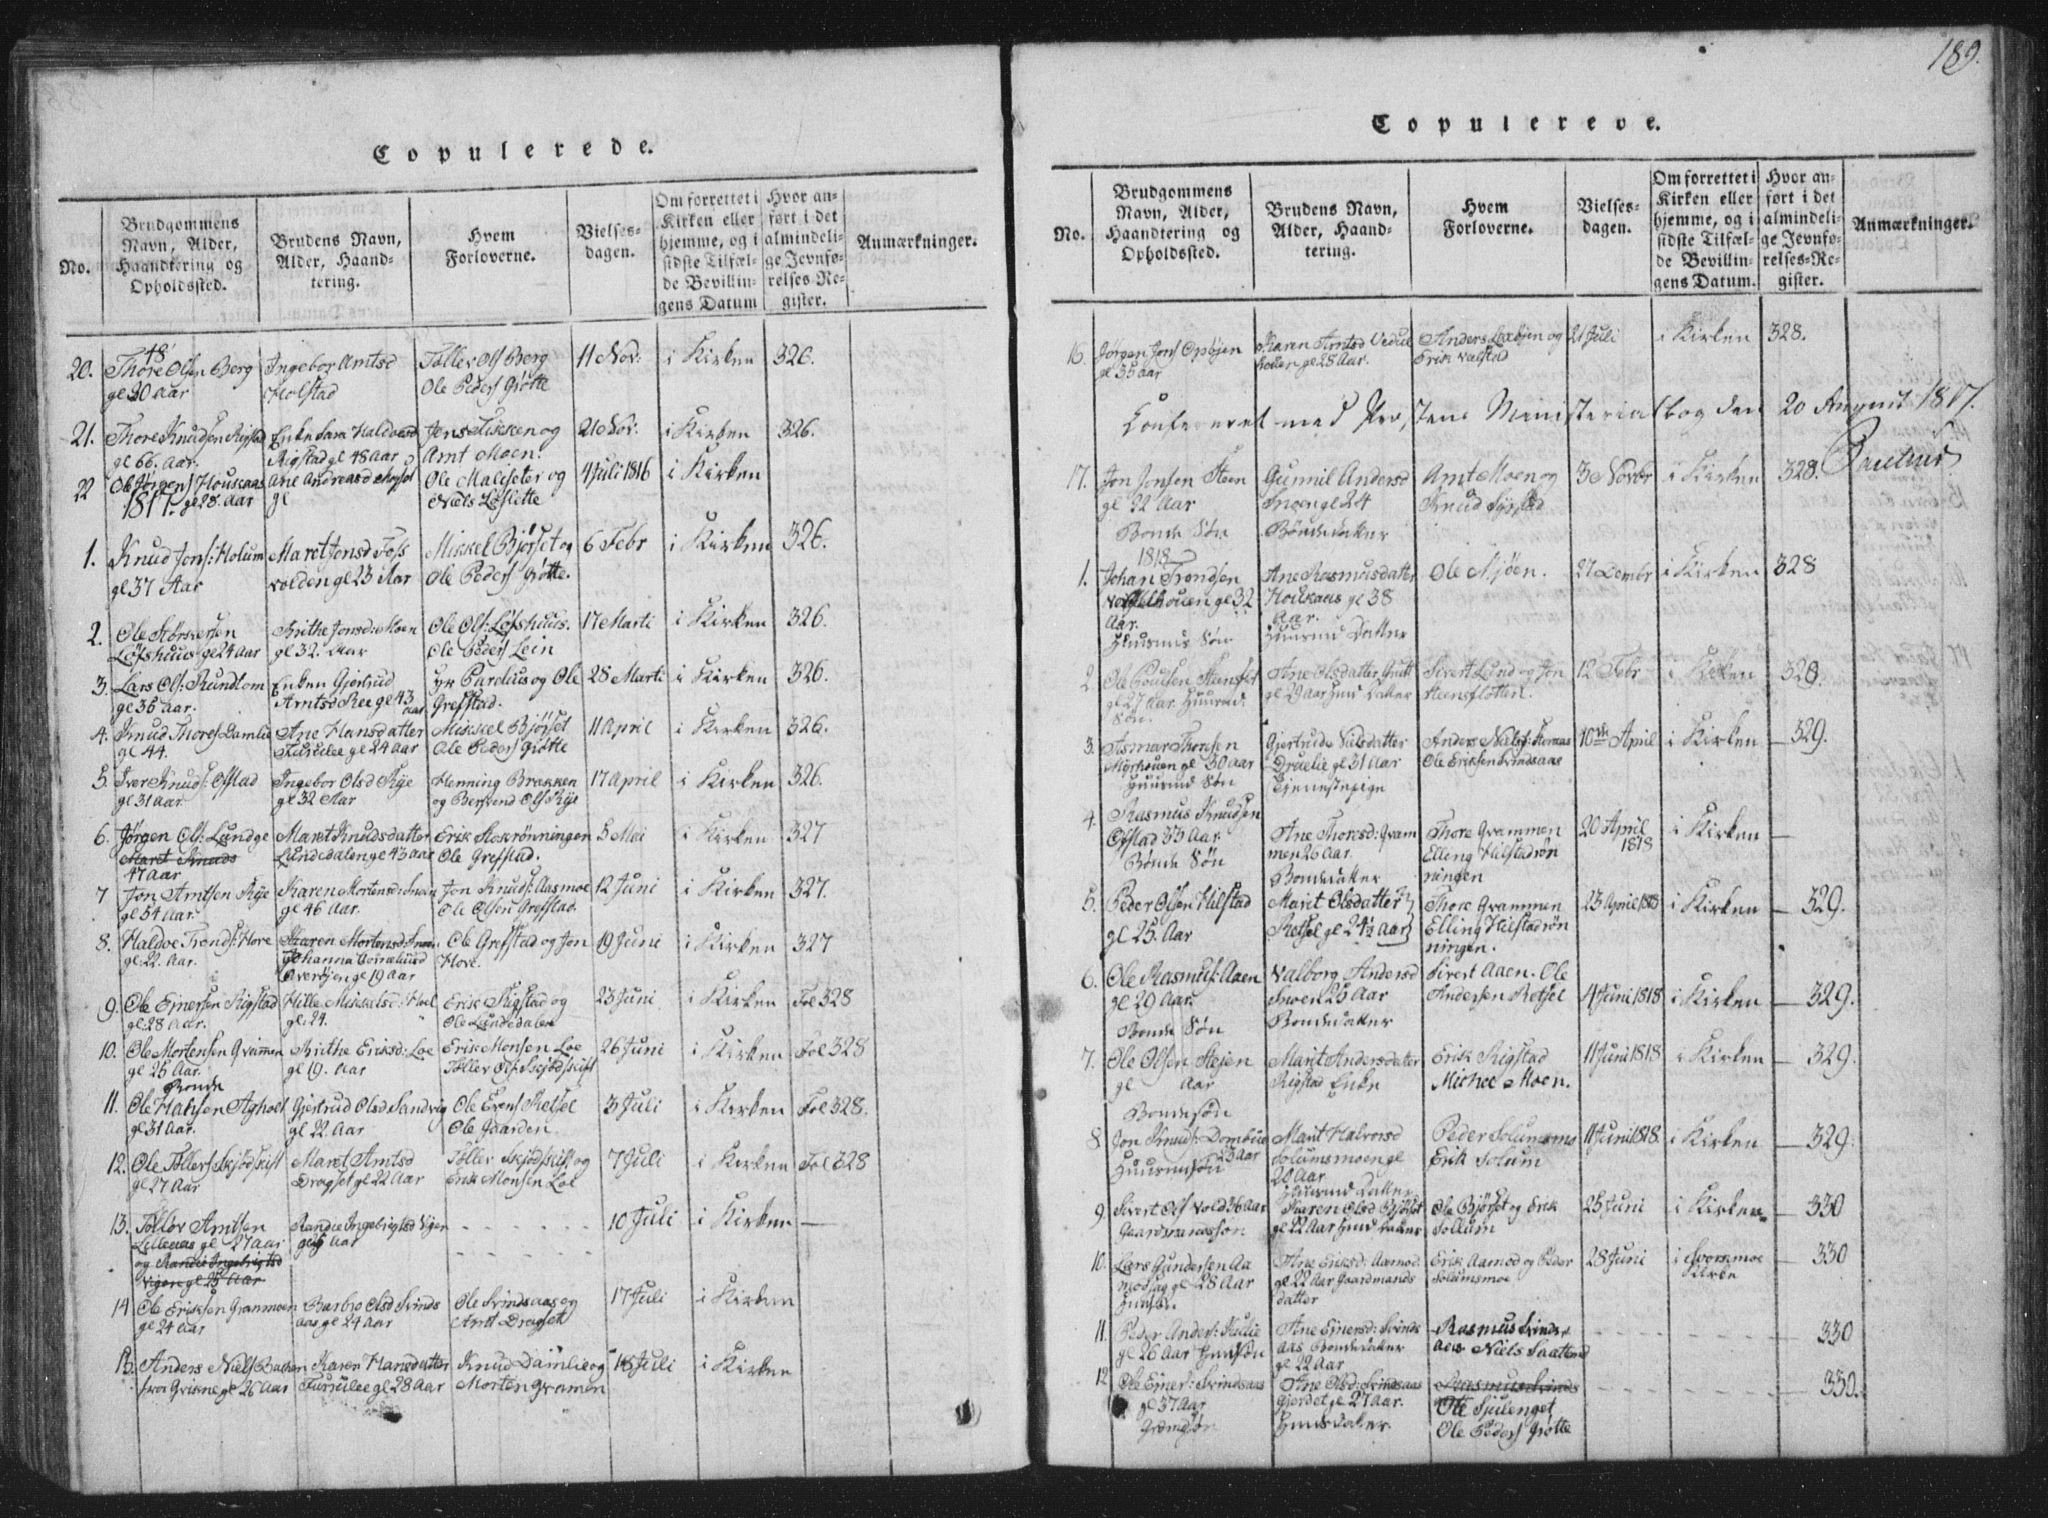 SAT, Ministerialprotokoller, klokkerbøker og fødselsregistre - Sør-Trøndelag, 672/L0862: Klokkerbok nr. 672C01, 1816-1831, s. 189